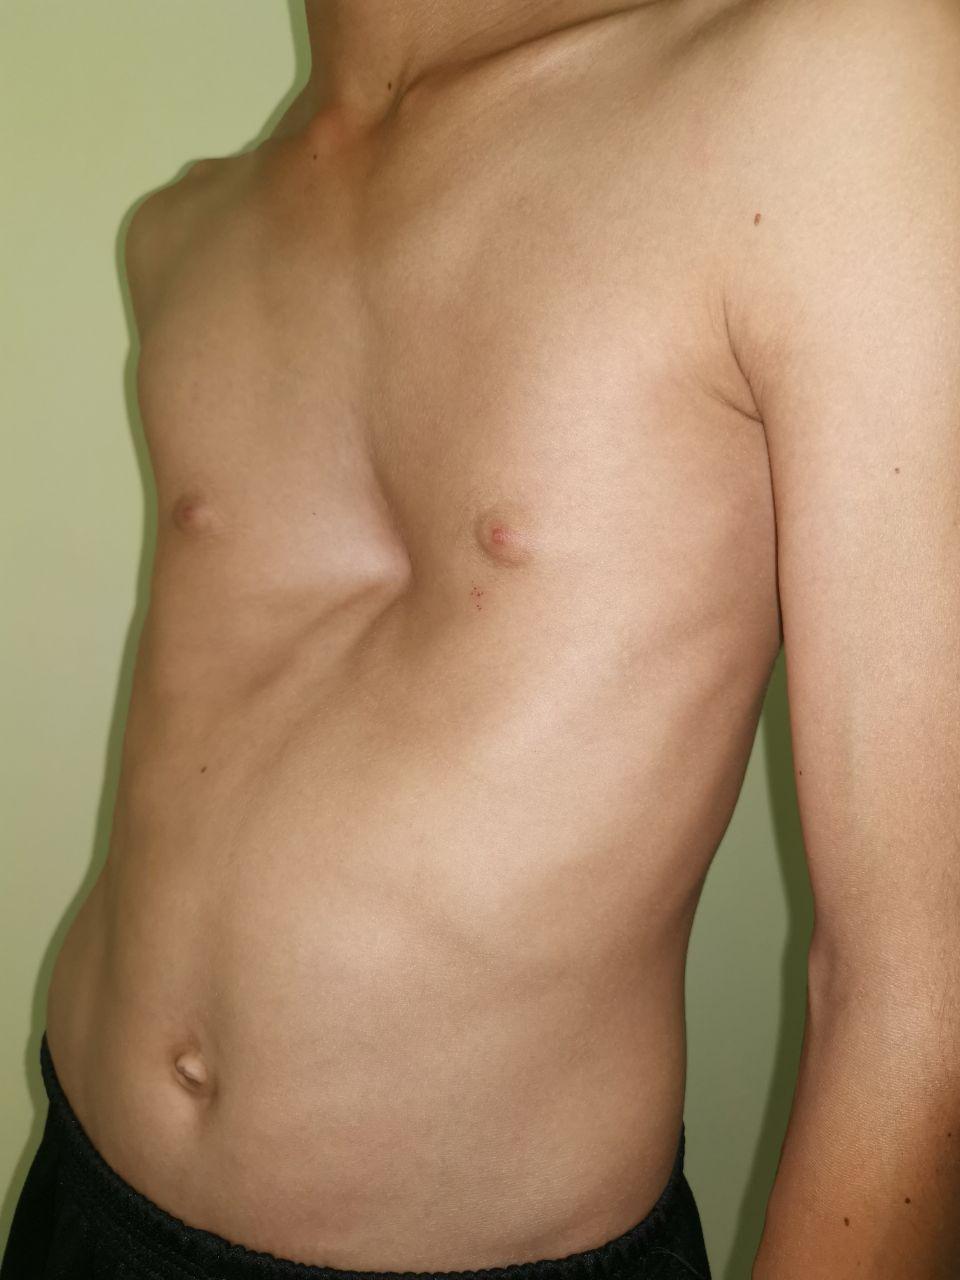 воронкообразная деформация грудной клетки до операция